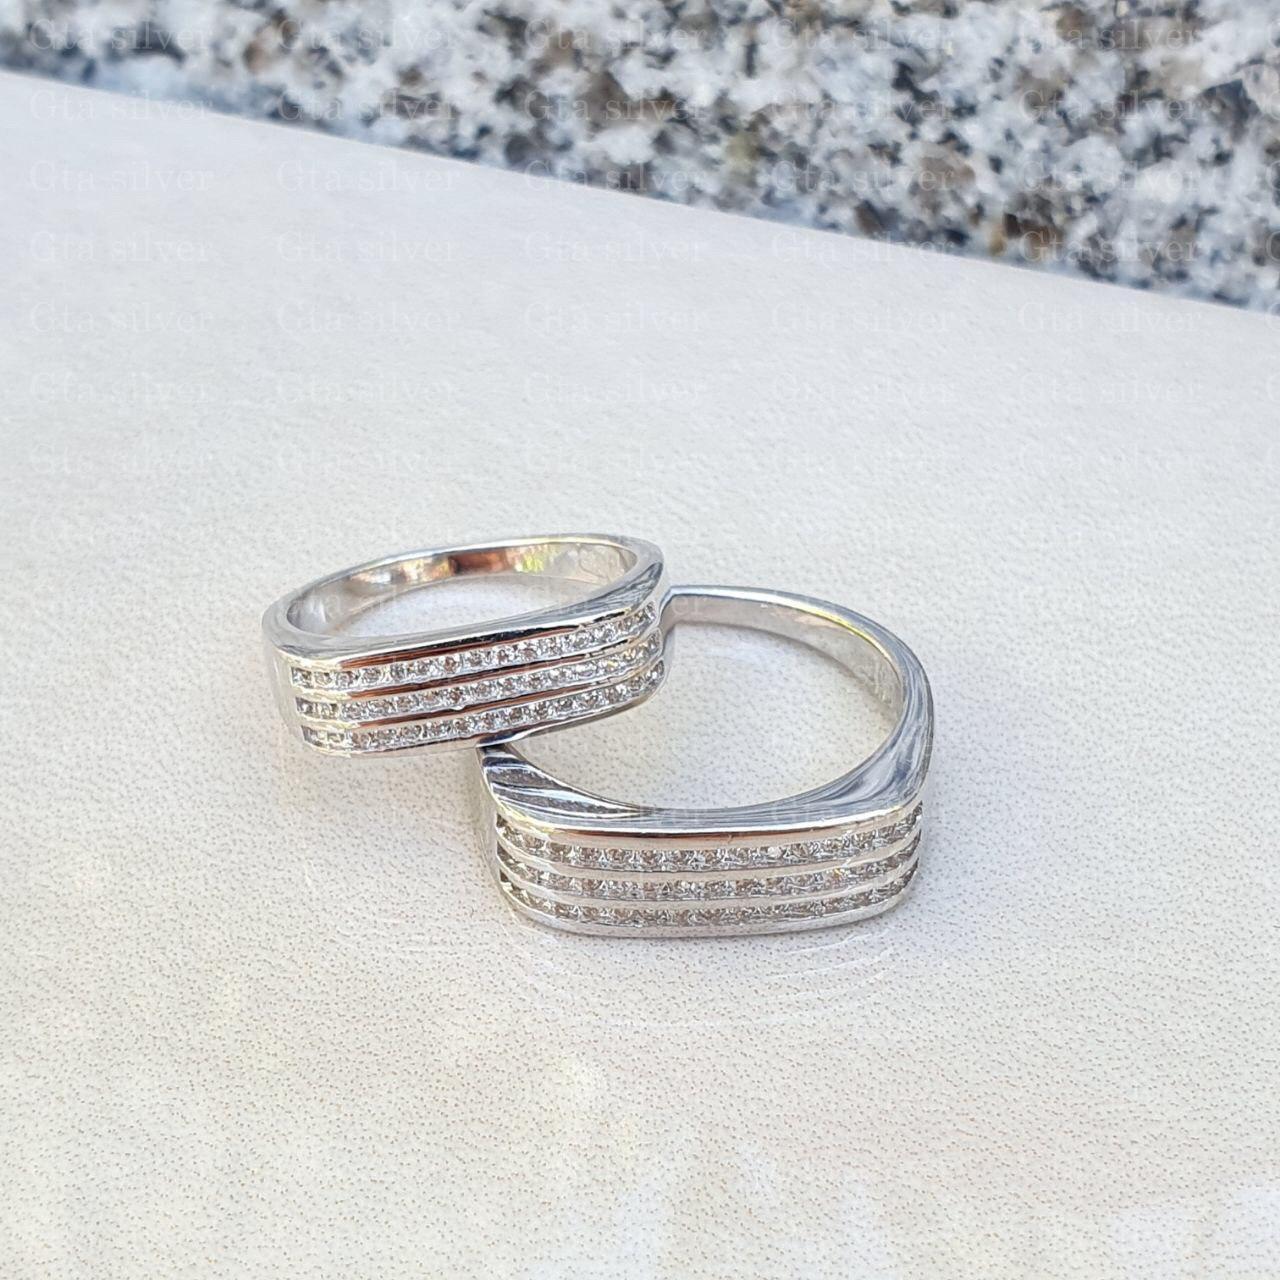 ست حلقه ازدواج وزن 8.5 گرم مدل 51